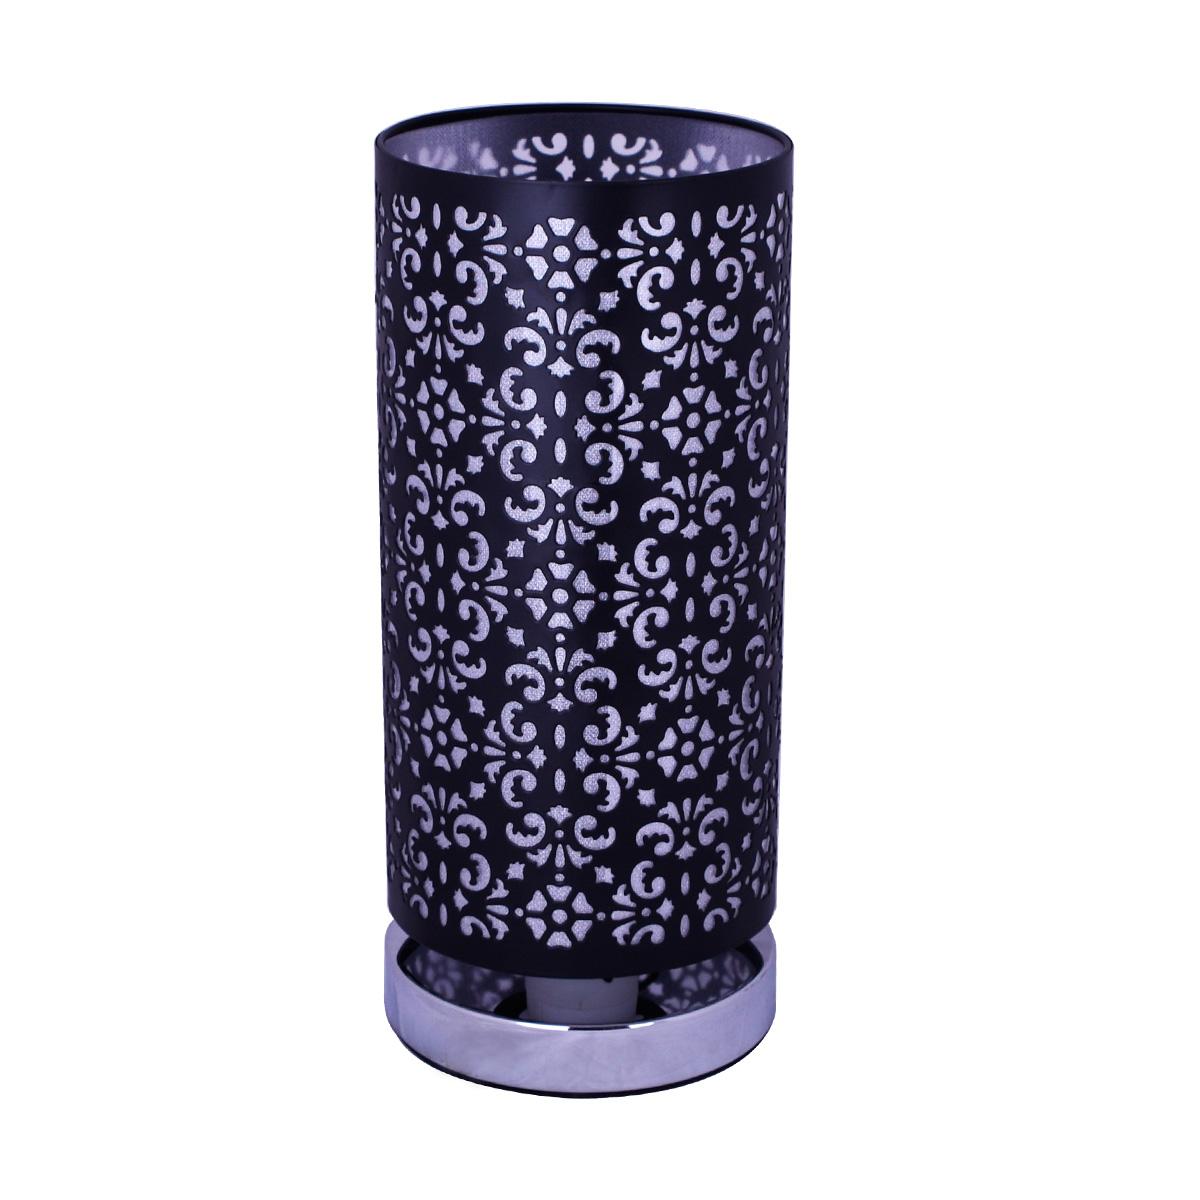 ابجورة طاولة كهرباء استانلس استيل بغطاء معدنية  - رقم  34359  - لونين